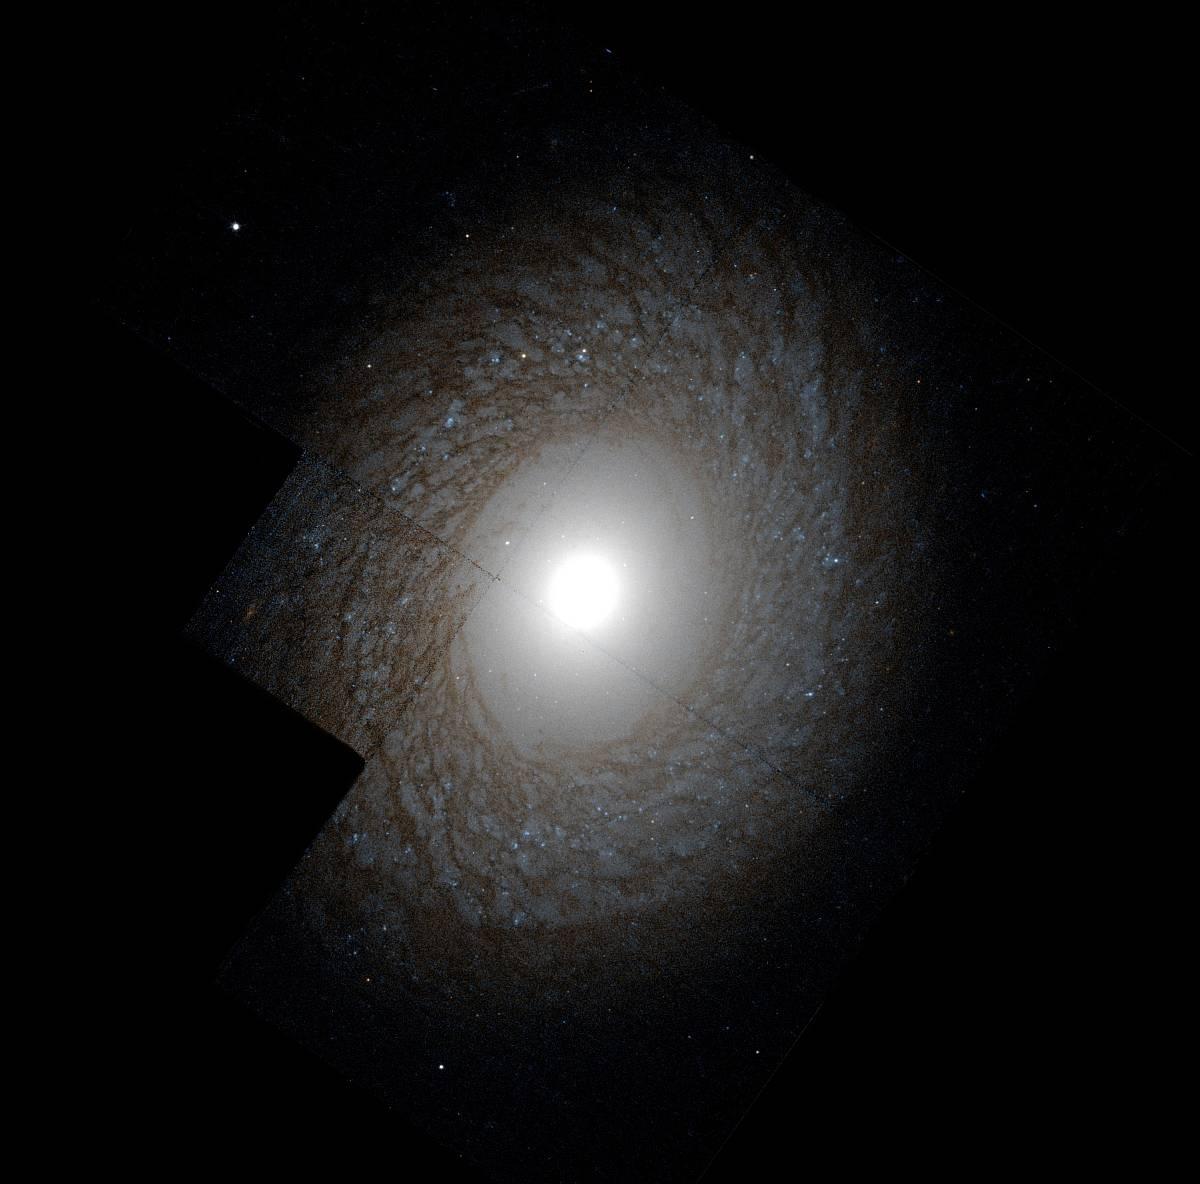 NGC 2775 - галактика в созвездии Рак